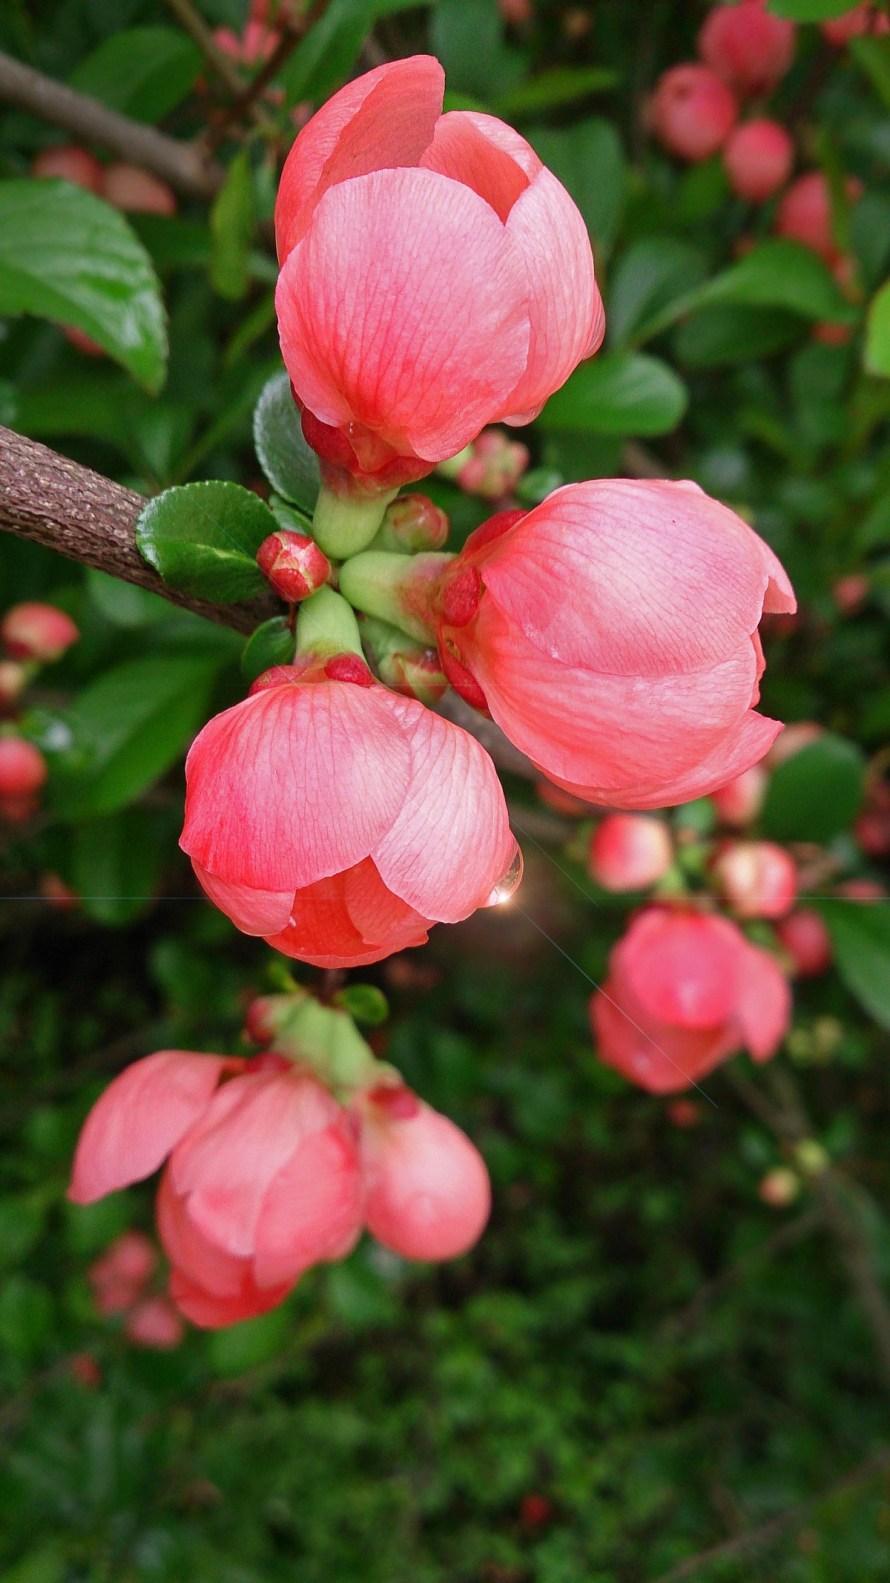 flower_flowers_garden_flowers_plant_beautiful_flowers_pink_pink_flower_beautiful_flower-1401111.jpg!d